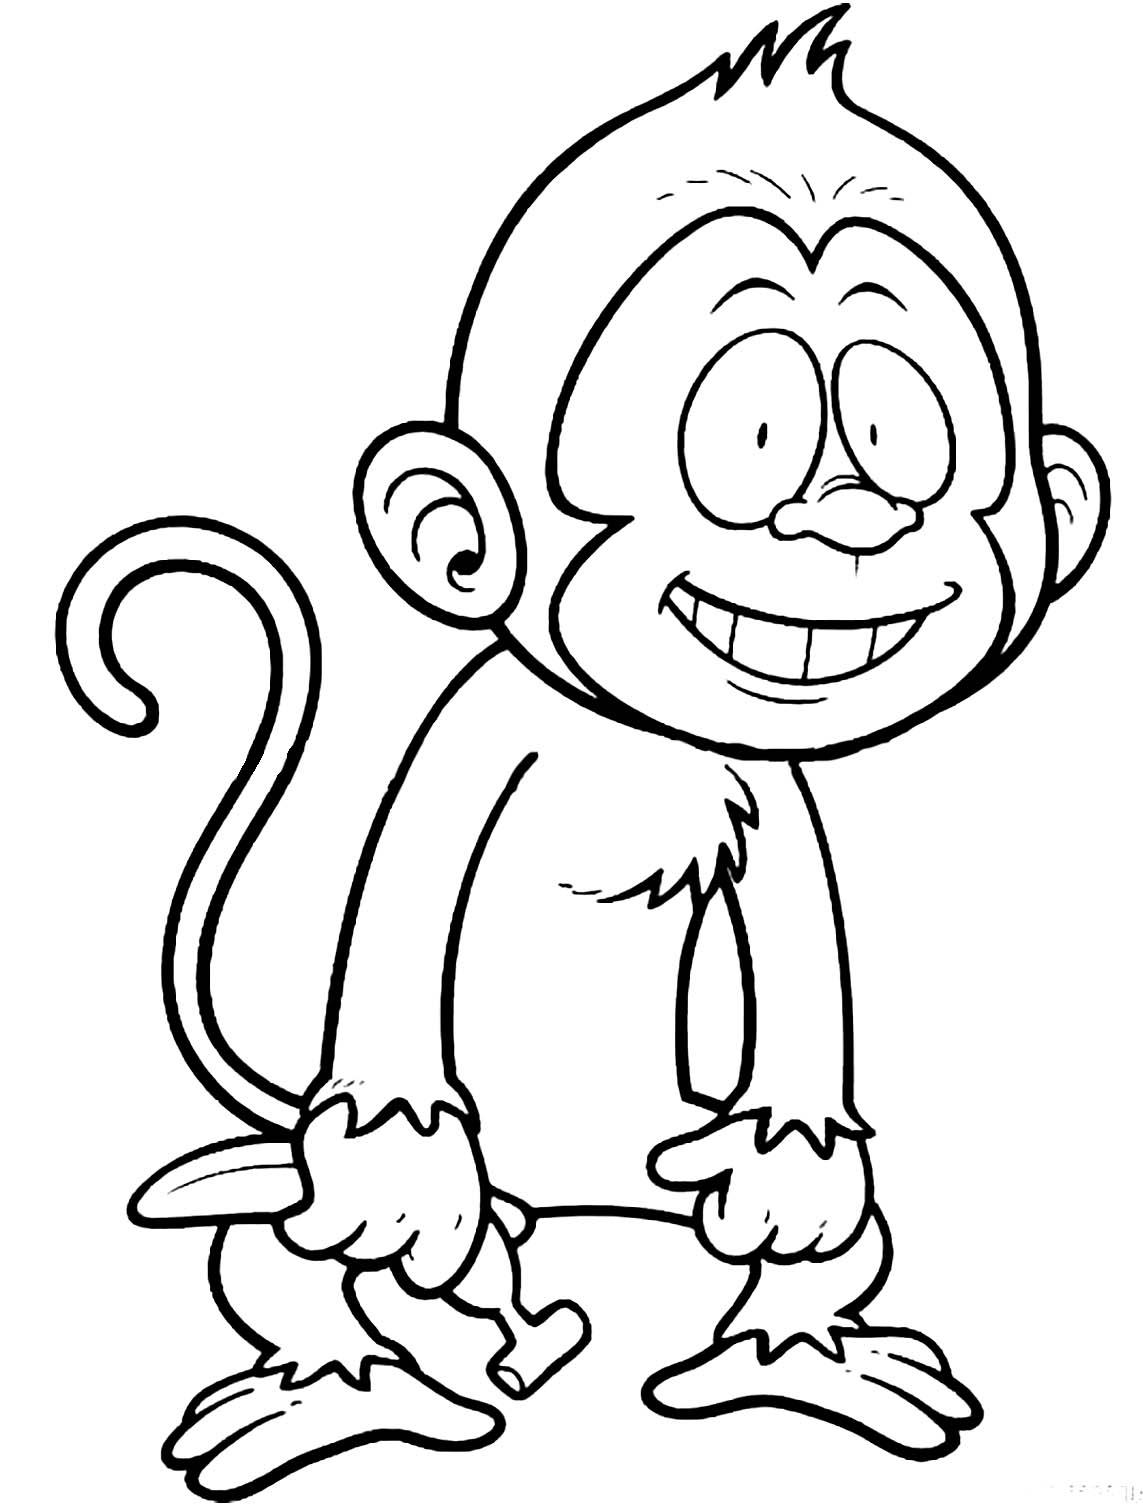 Tranh tô màu con khỉ 3